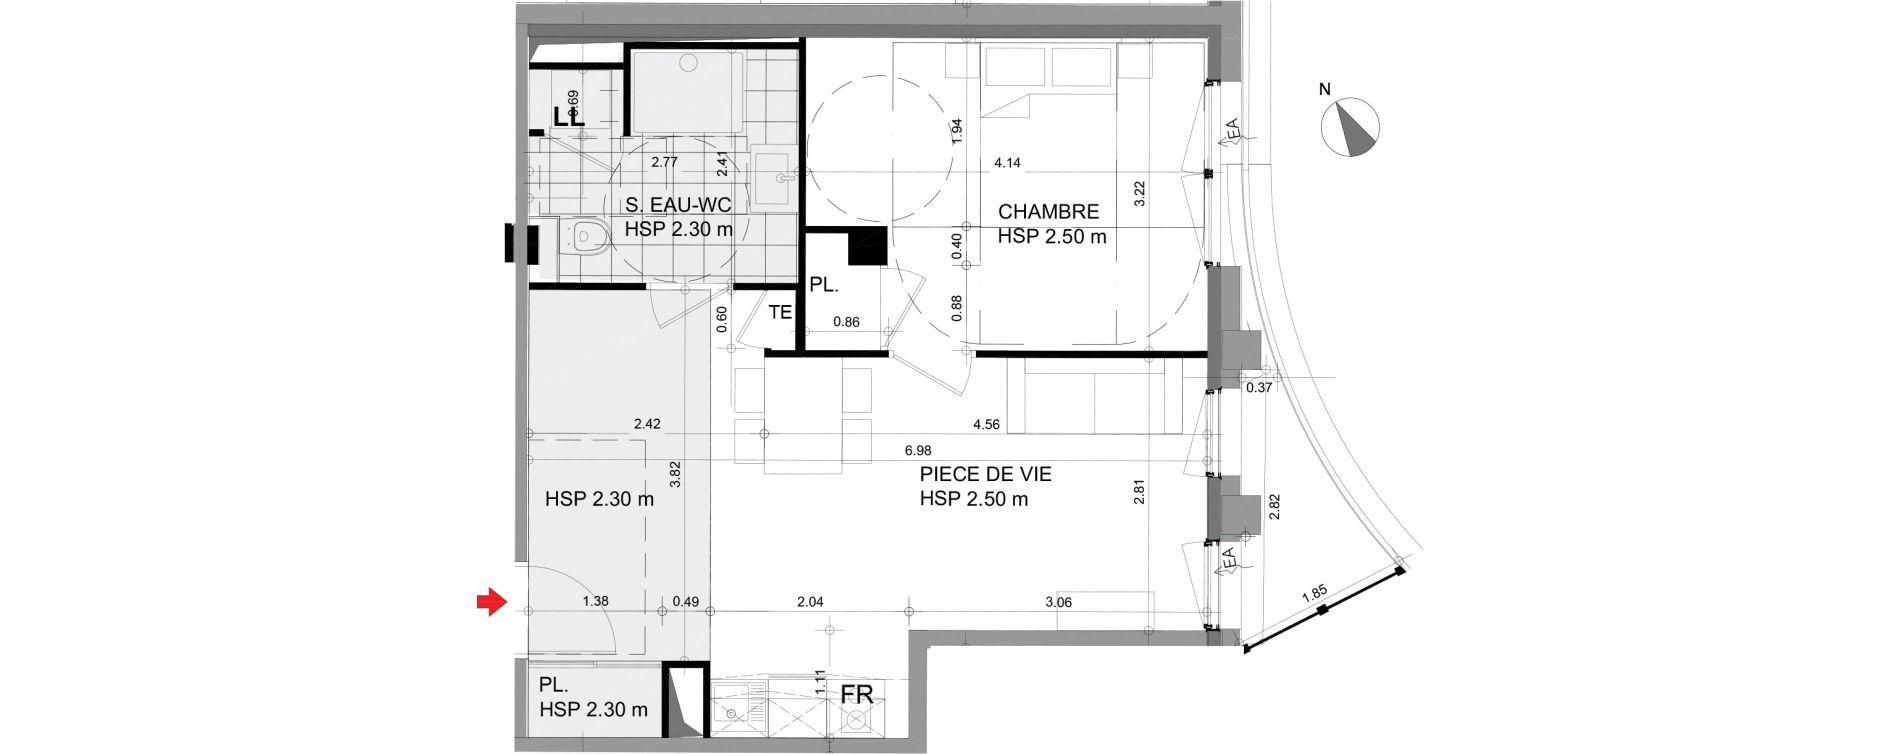 Appartement T2 meublé de 44,44 m2 à Angers Angers centre